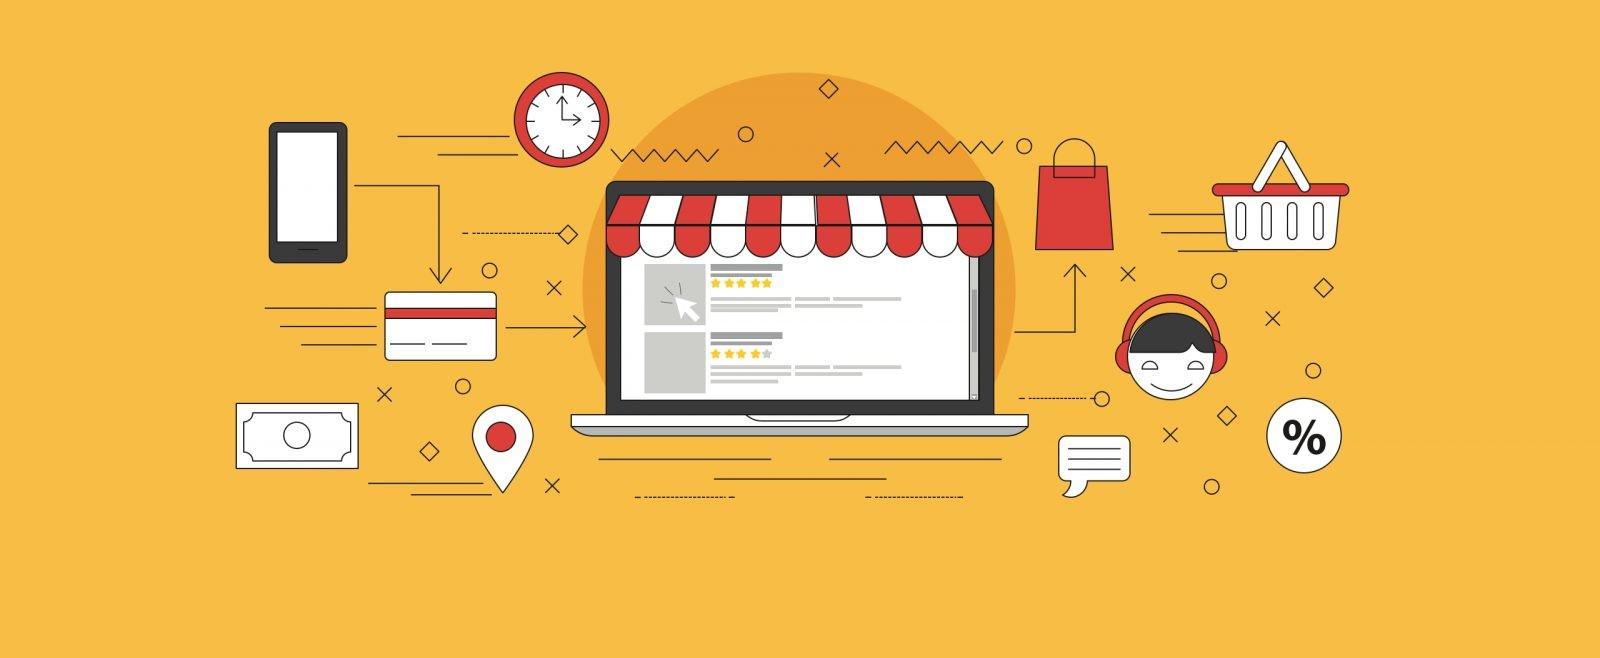 Как открыть молодежный интернет-магазин. Бизнес-идея